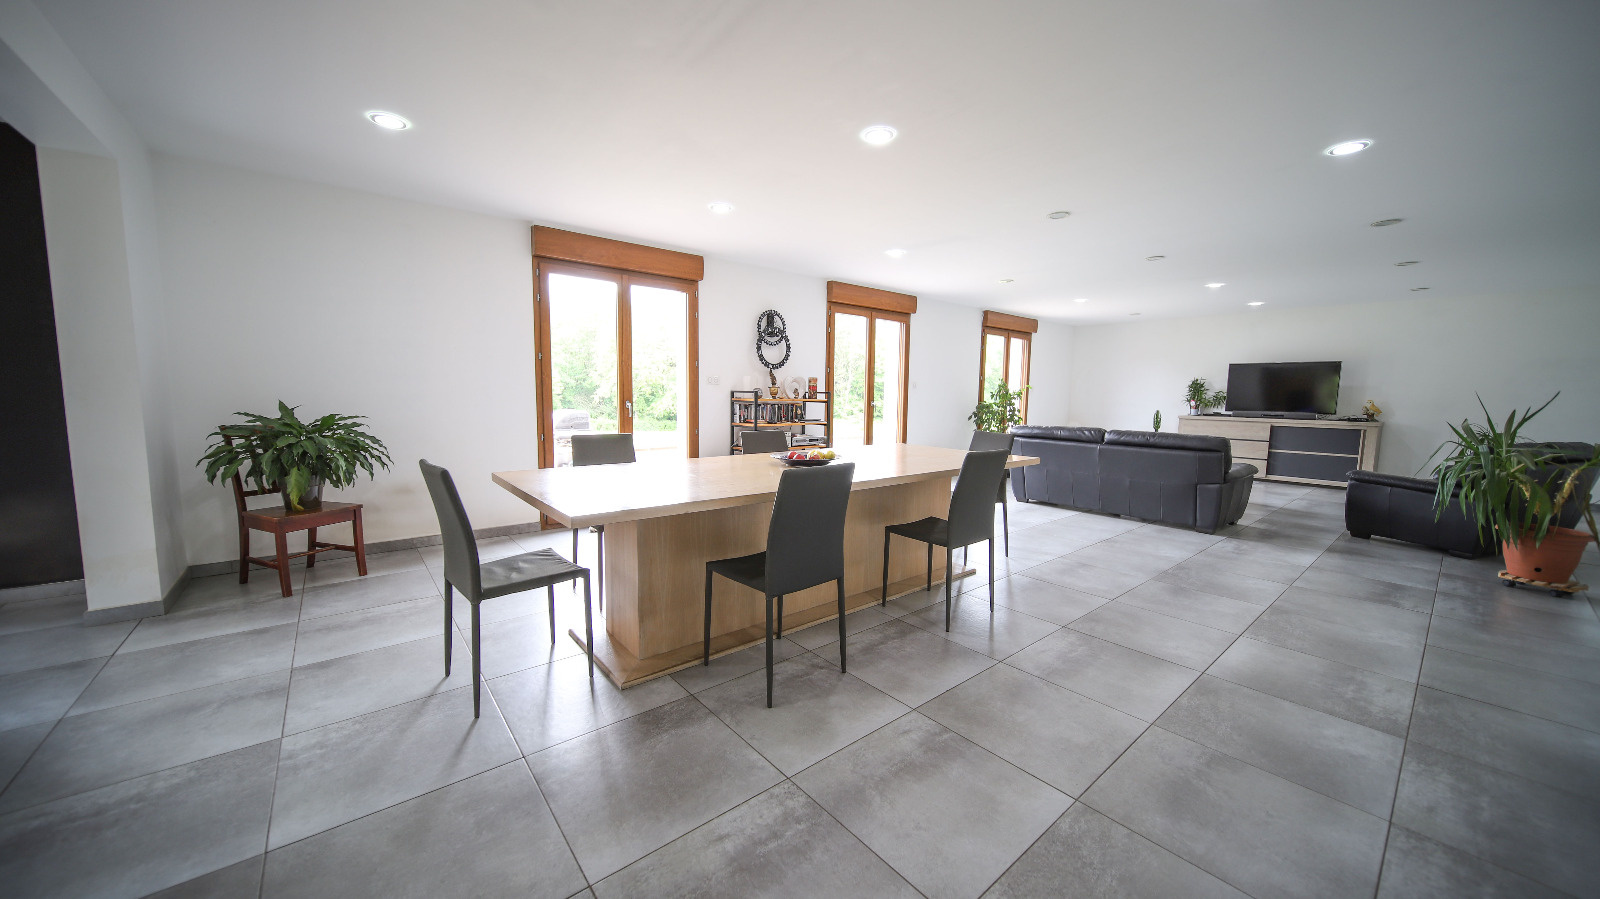 maison/villa à vendre epinal